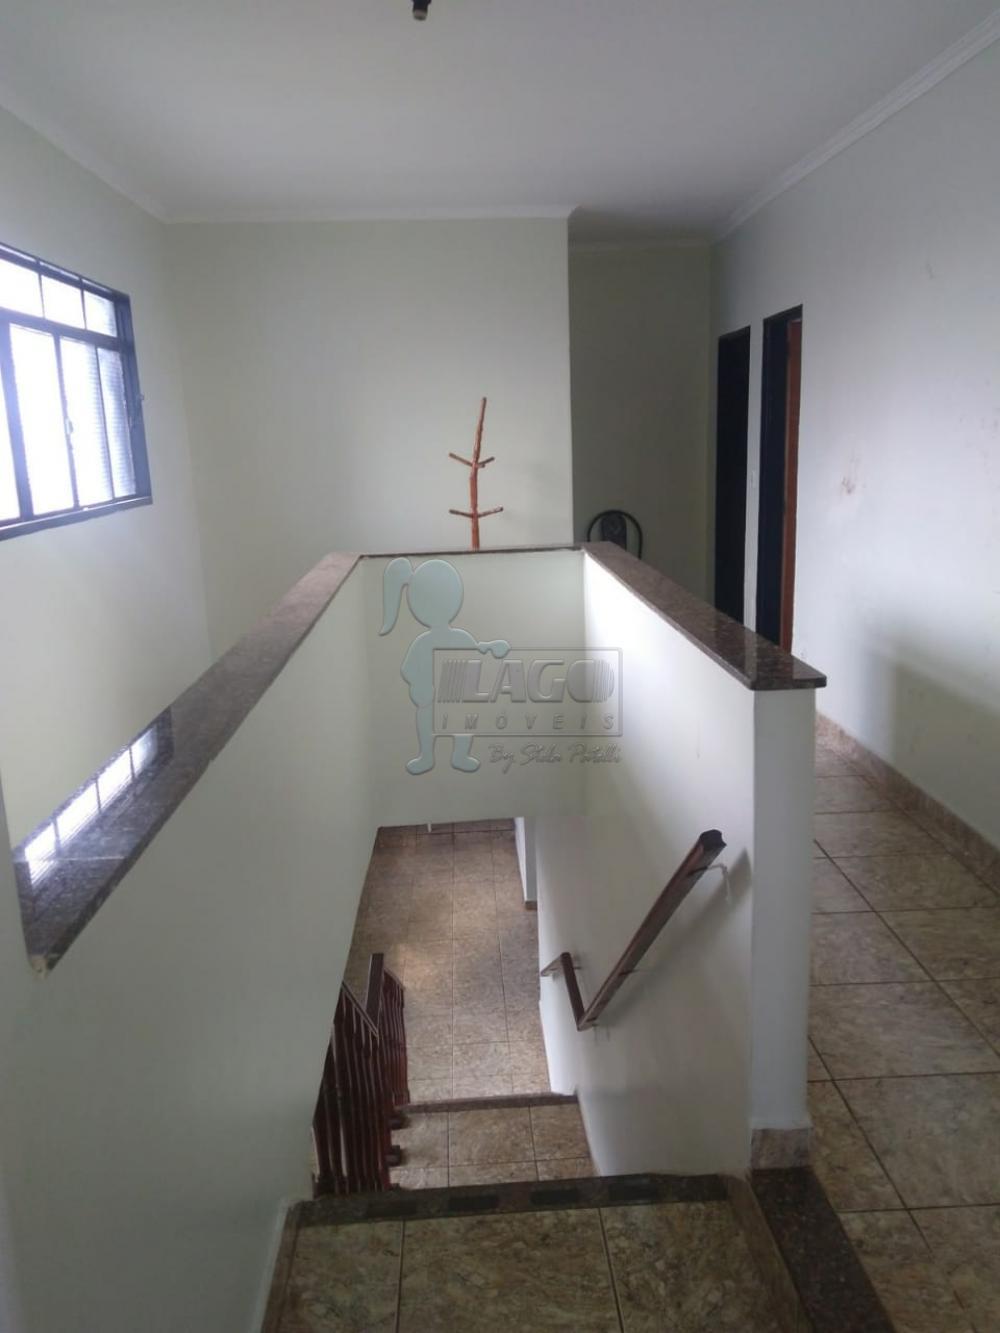 Comprar Casas / Padrão em Ribeirão Preto apenas R$ 325.000,00 - Foto 9